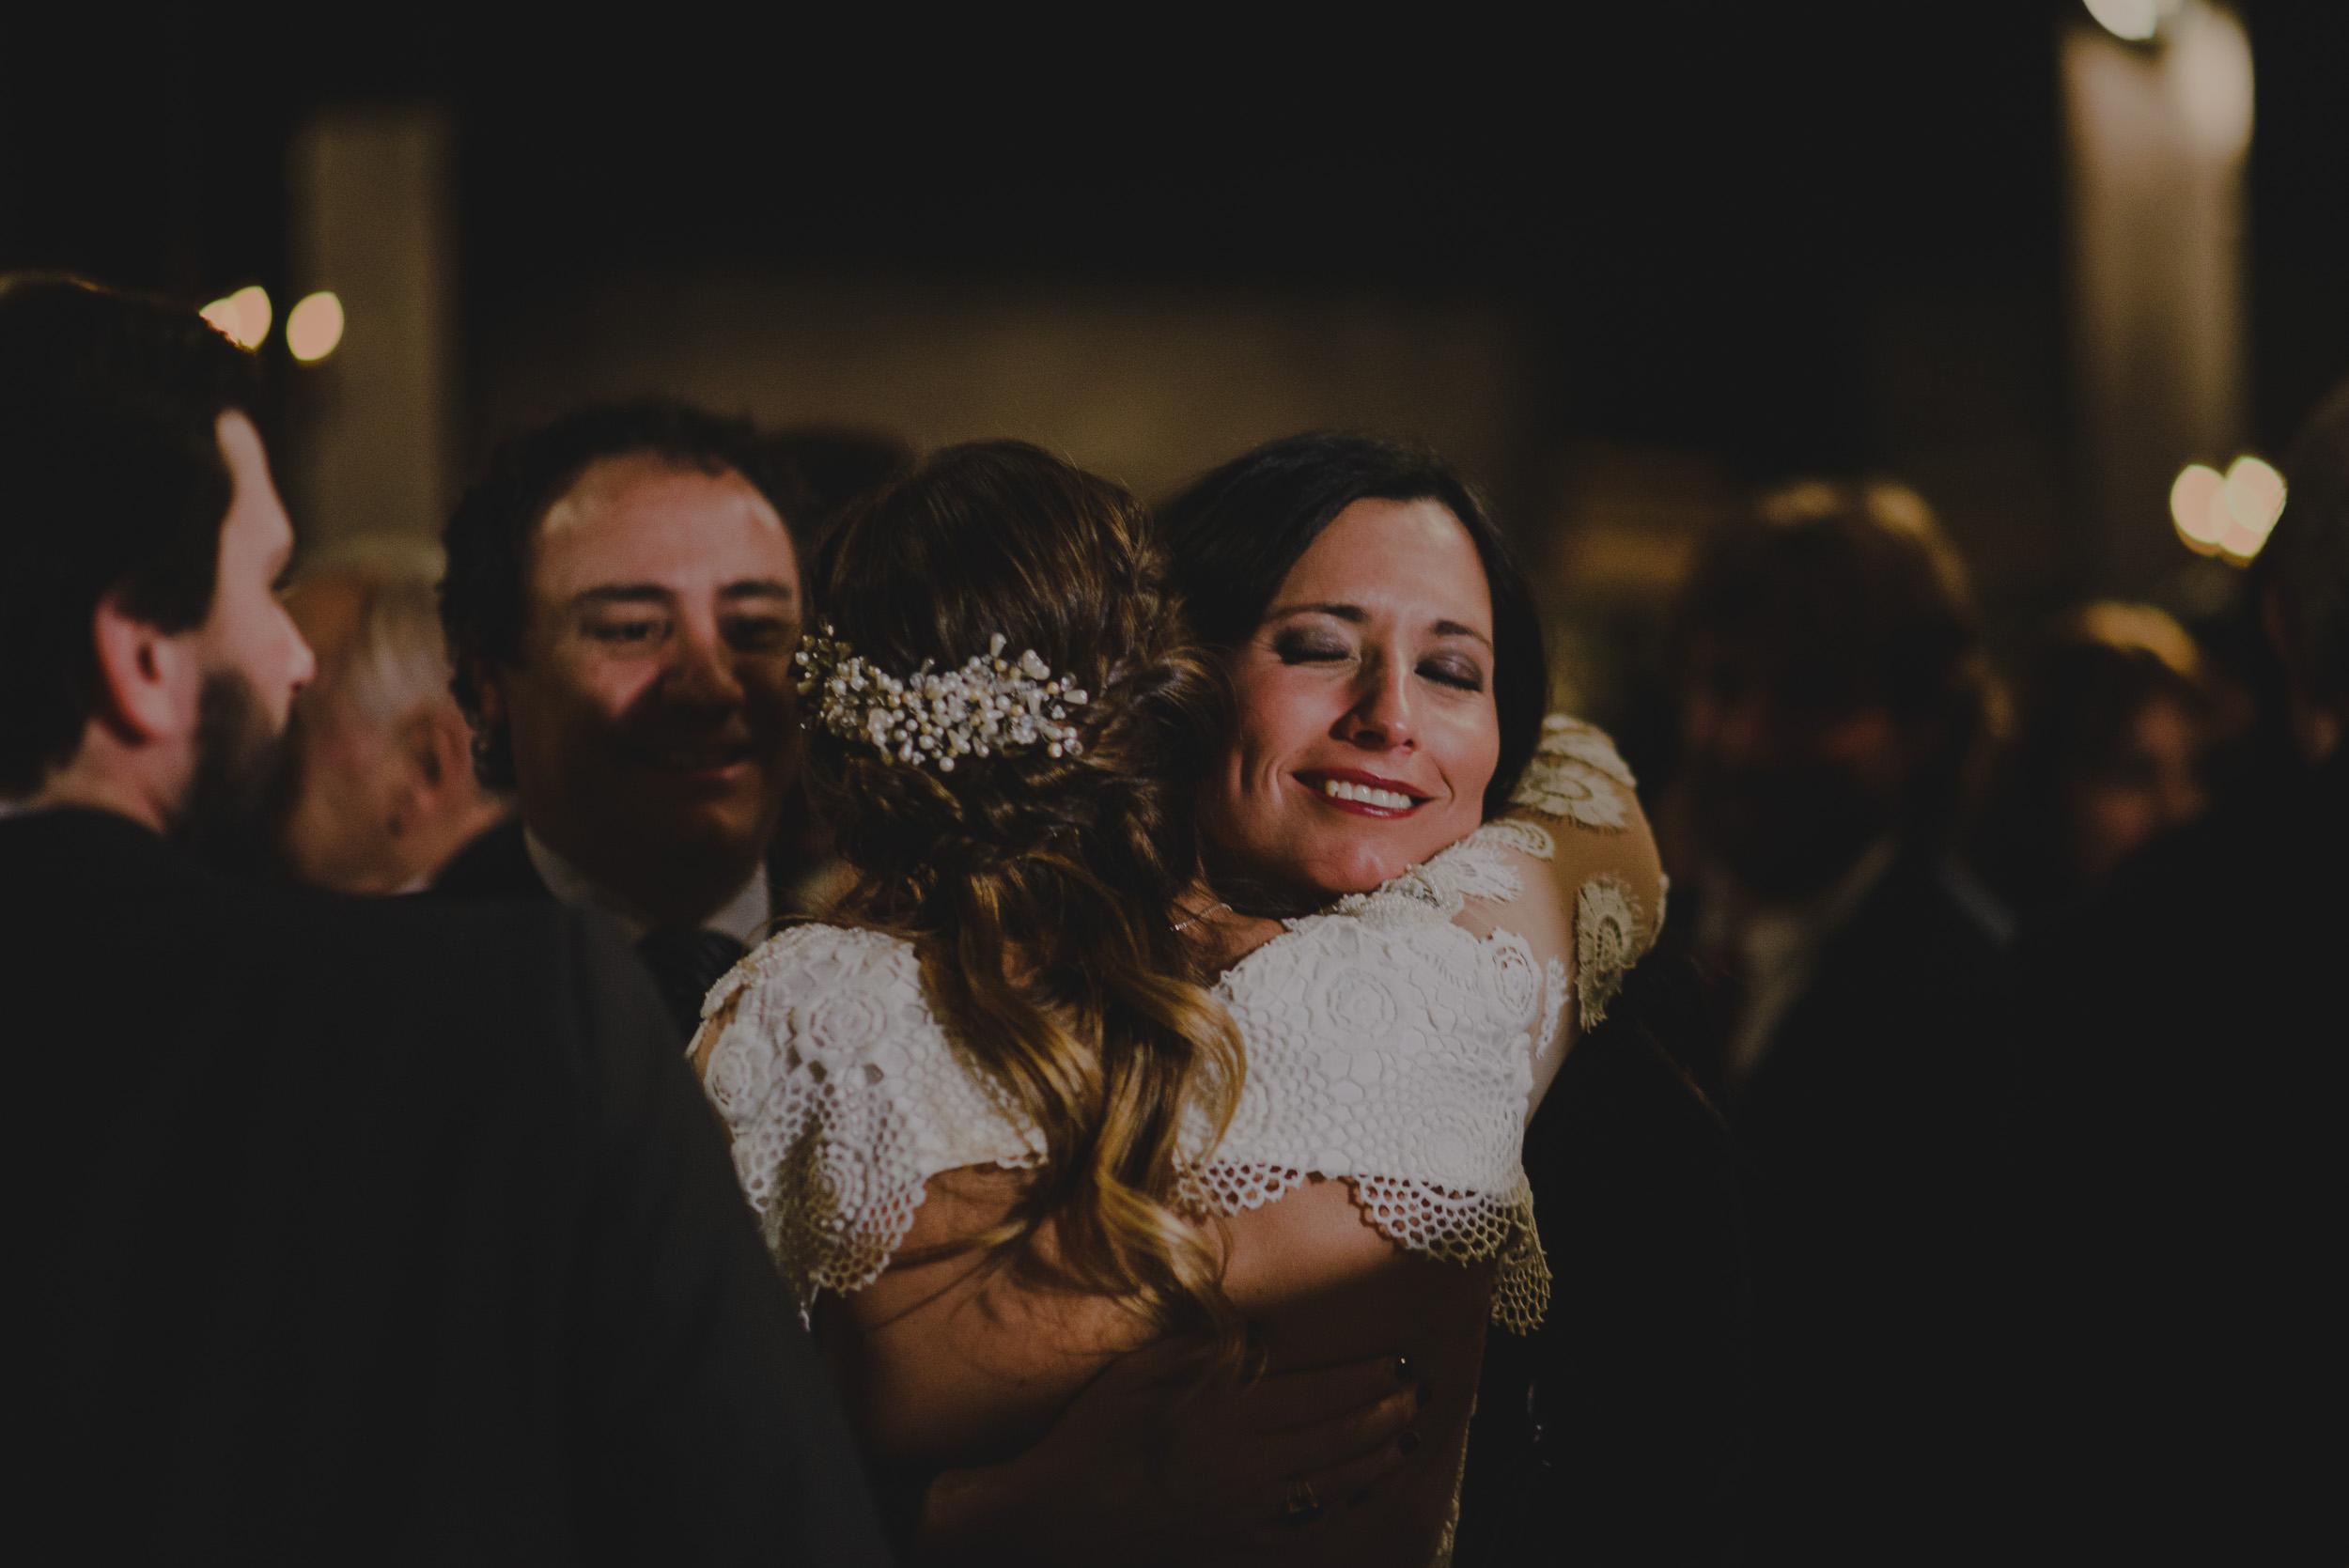 Mati & Juan boda en Bodega Jacksonville , FOTOGRAFIA DE BODA POITEVIN LOPEZ-95